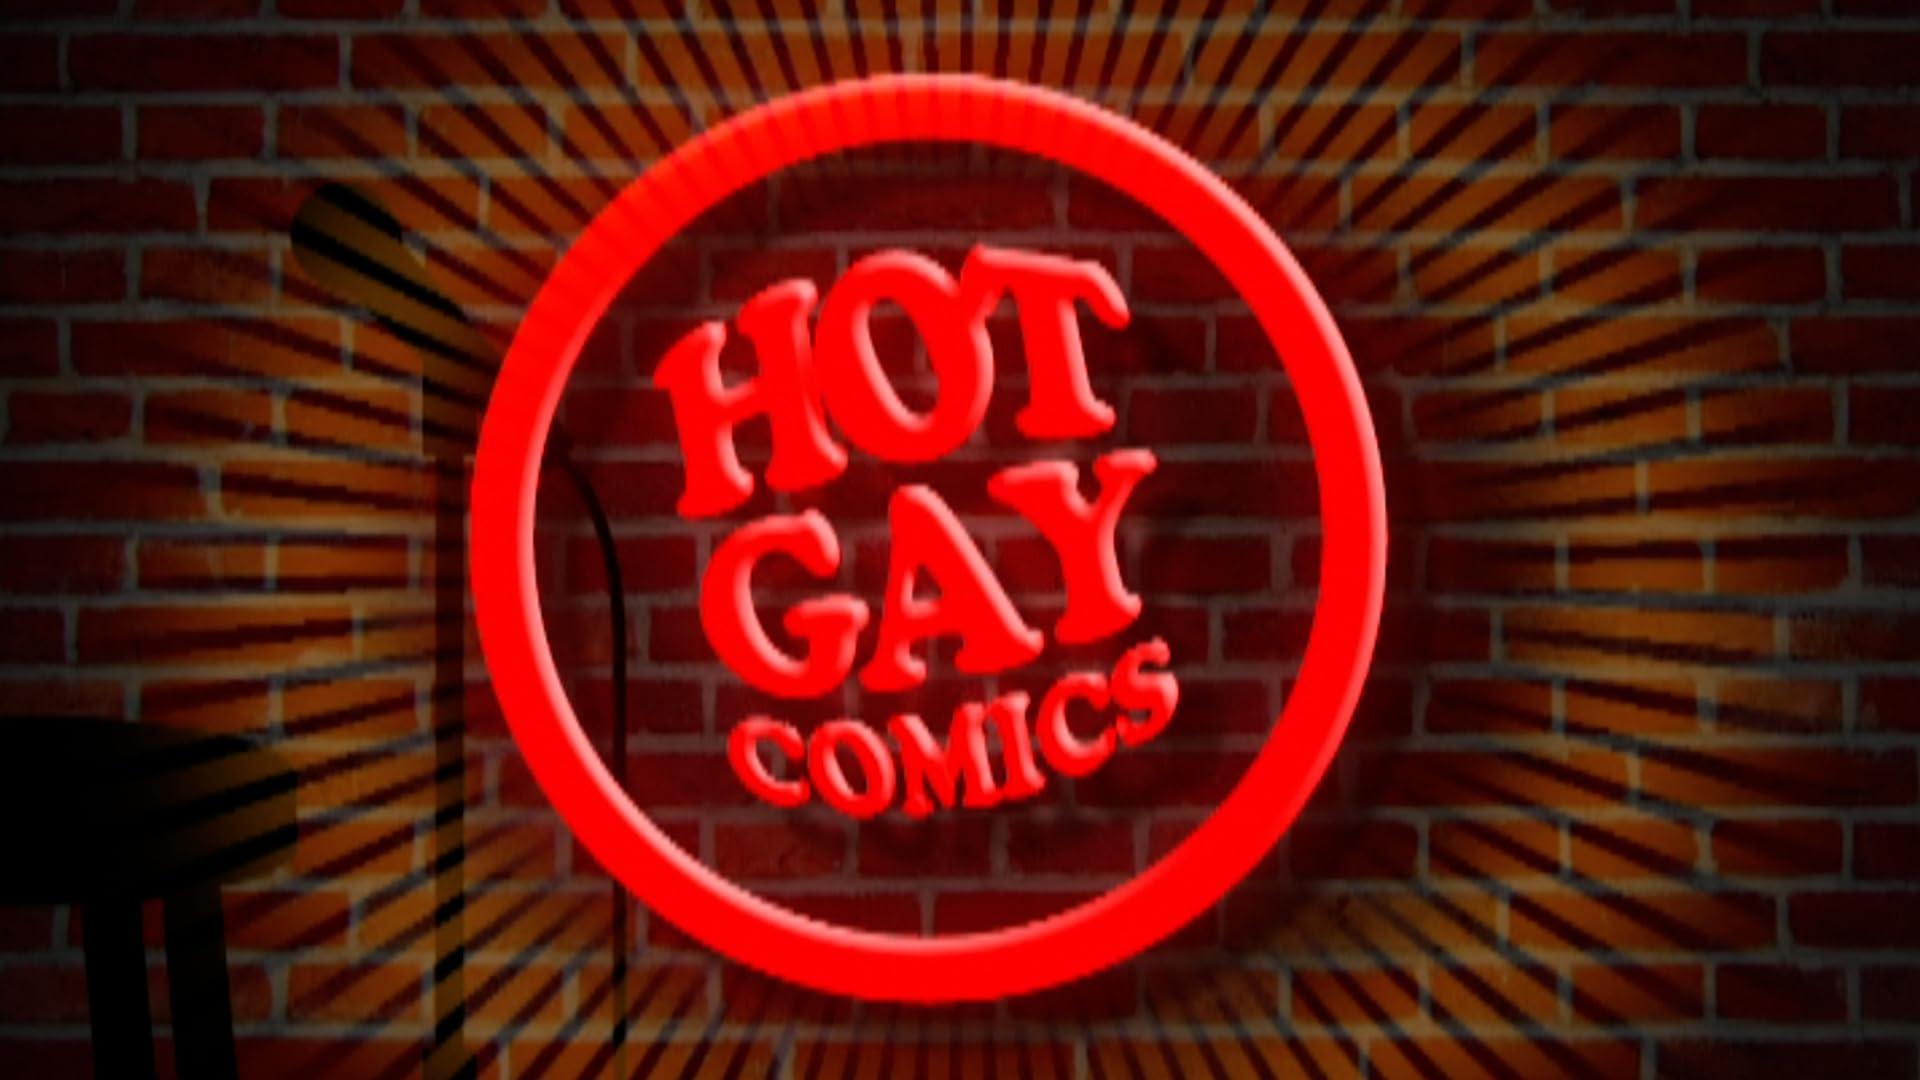 Hot Gay Comics